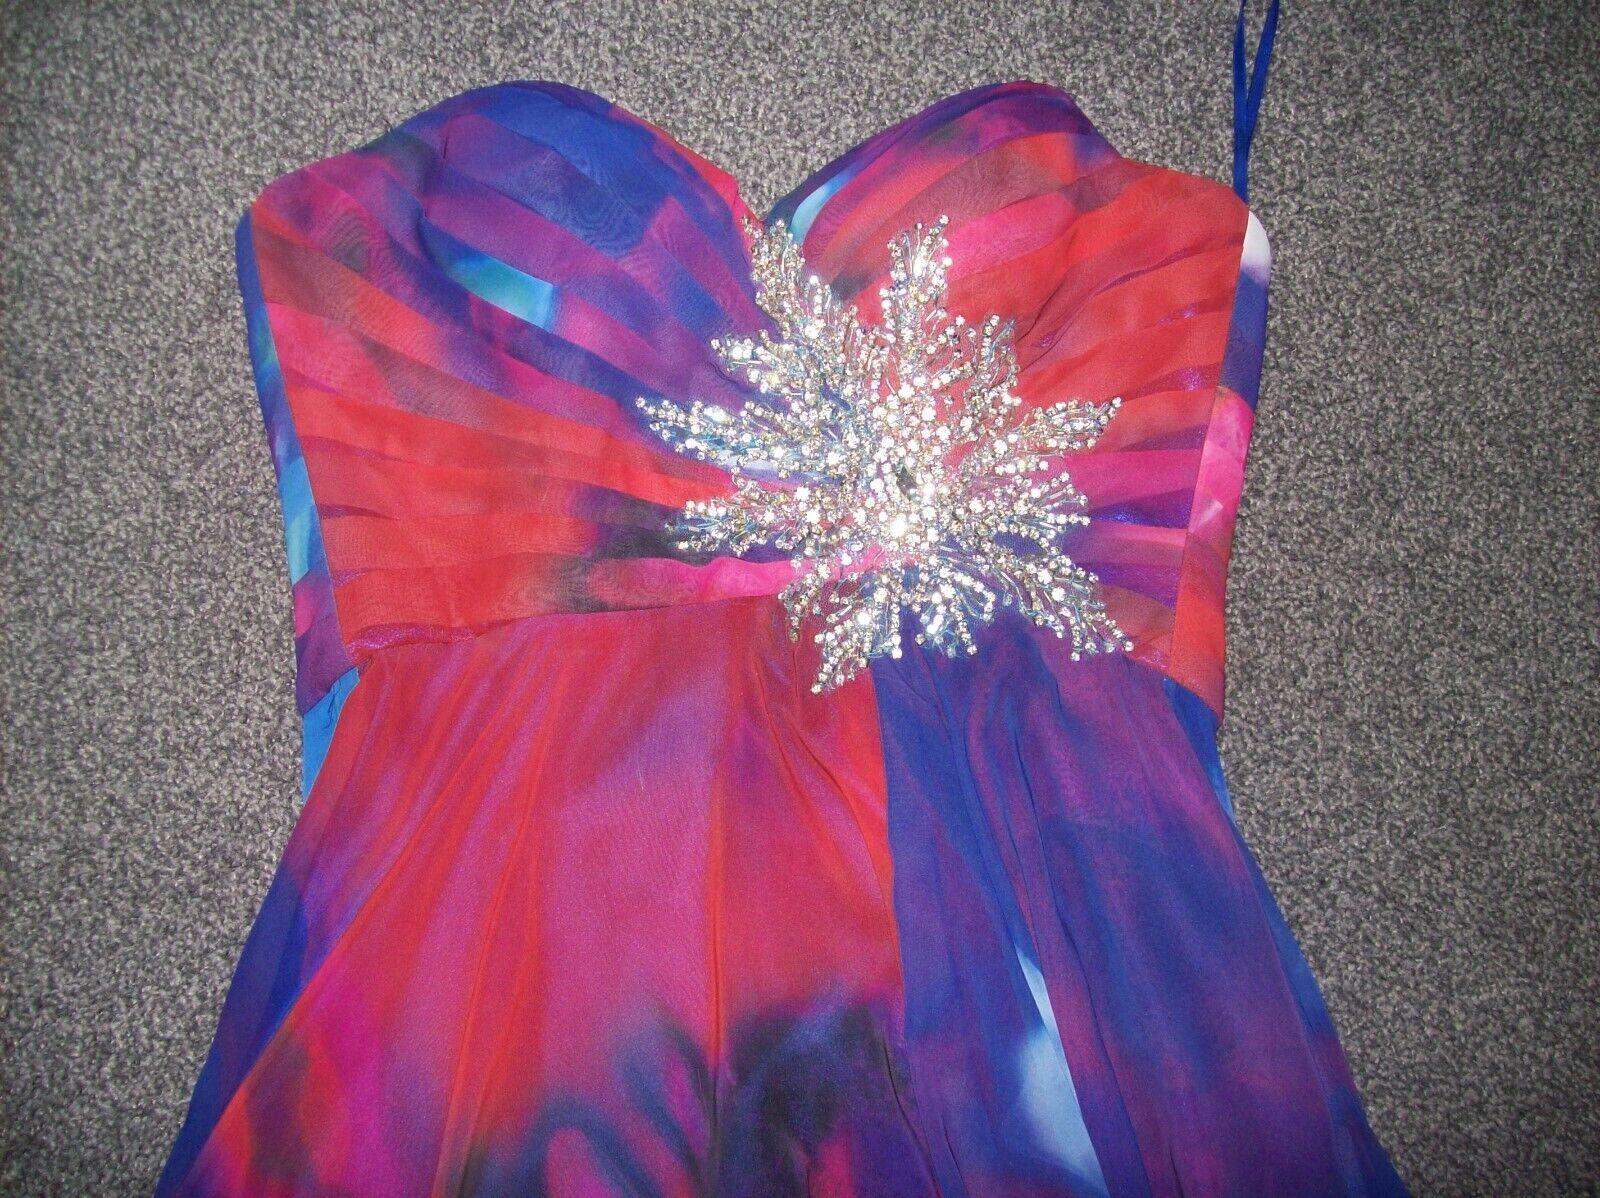 Vestido de baile Vestido De Fiesta impresionante Y  Hermoso ... Talla 16... Rubí Baile de graduación  100% precio garantizado